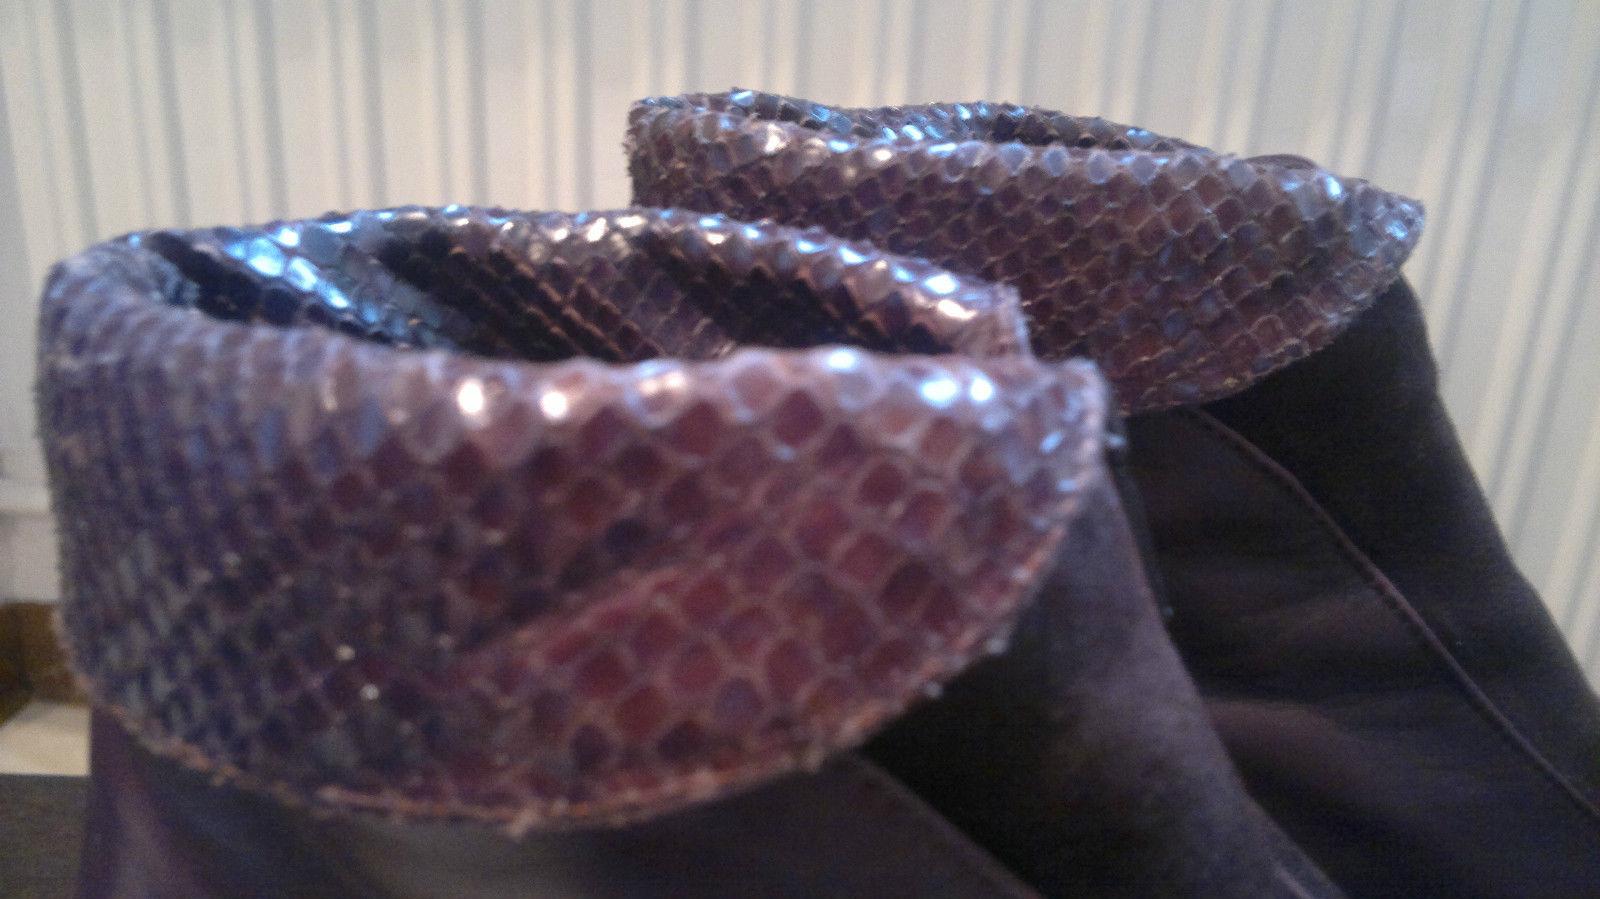 Schöne MARIPE Stiefeletten echtes Größe 40 / 7 echtes Stiefeletten Leder dunkelbraun Kroko TOP 9c2060